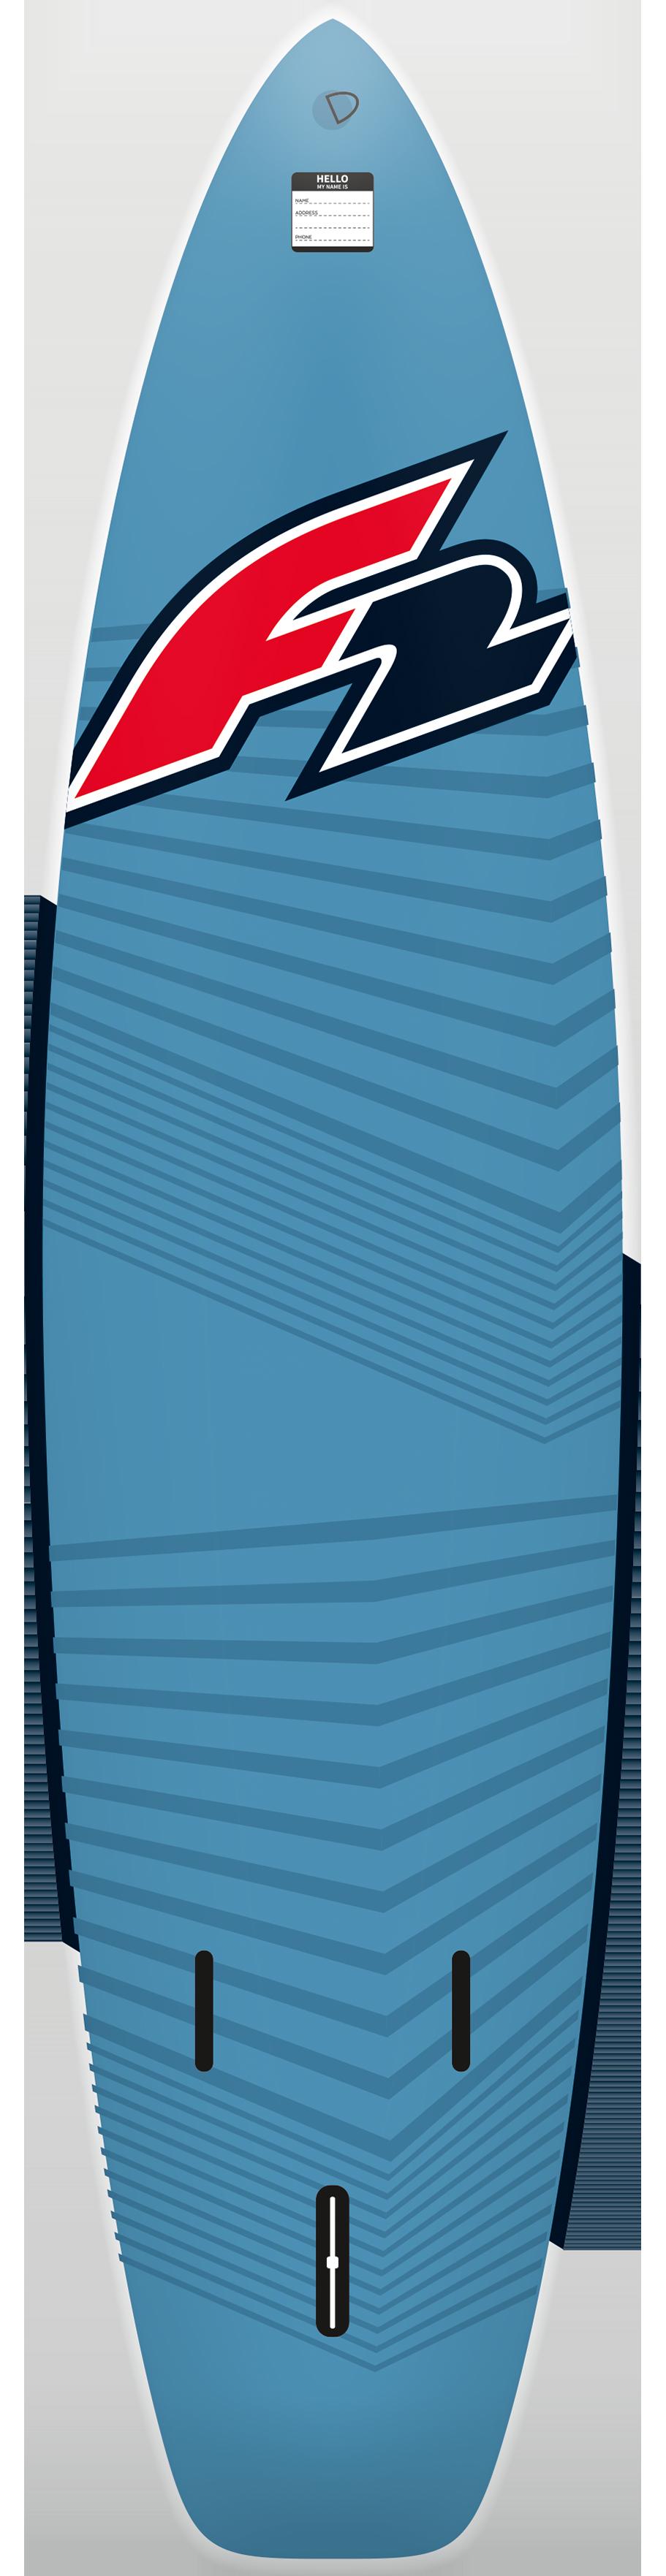 IMPACT - Base